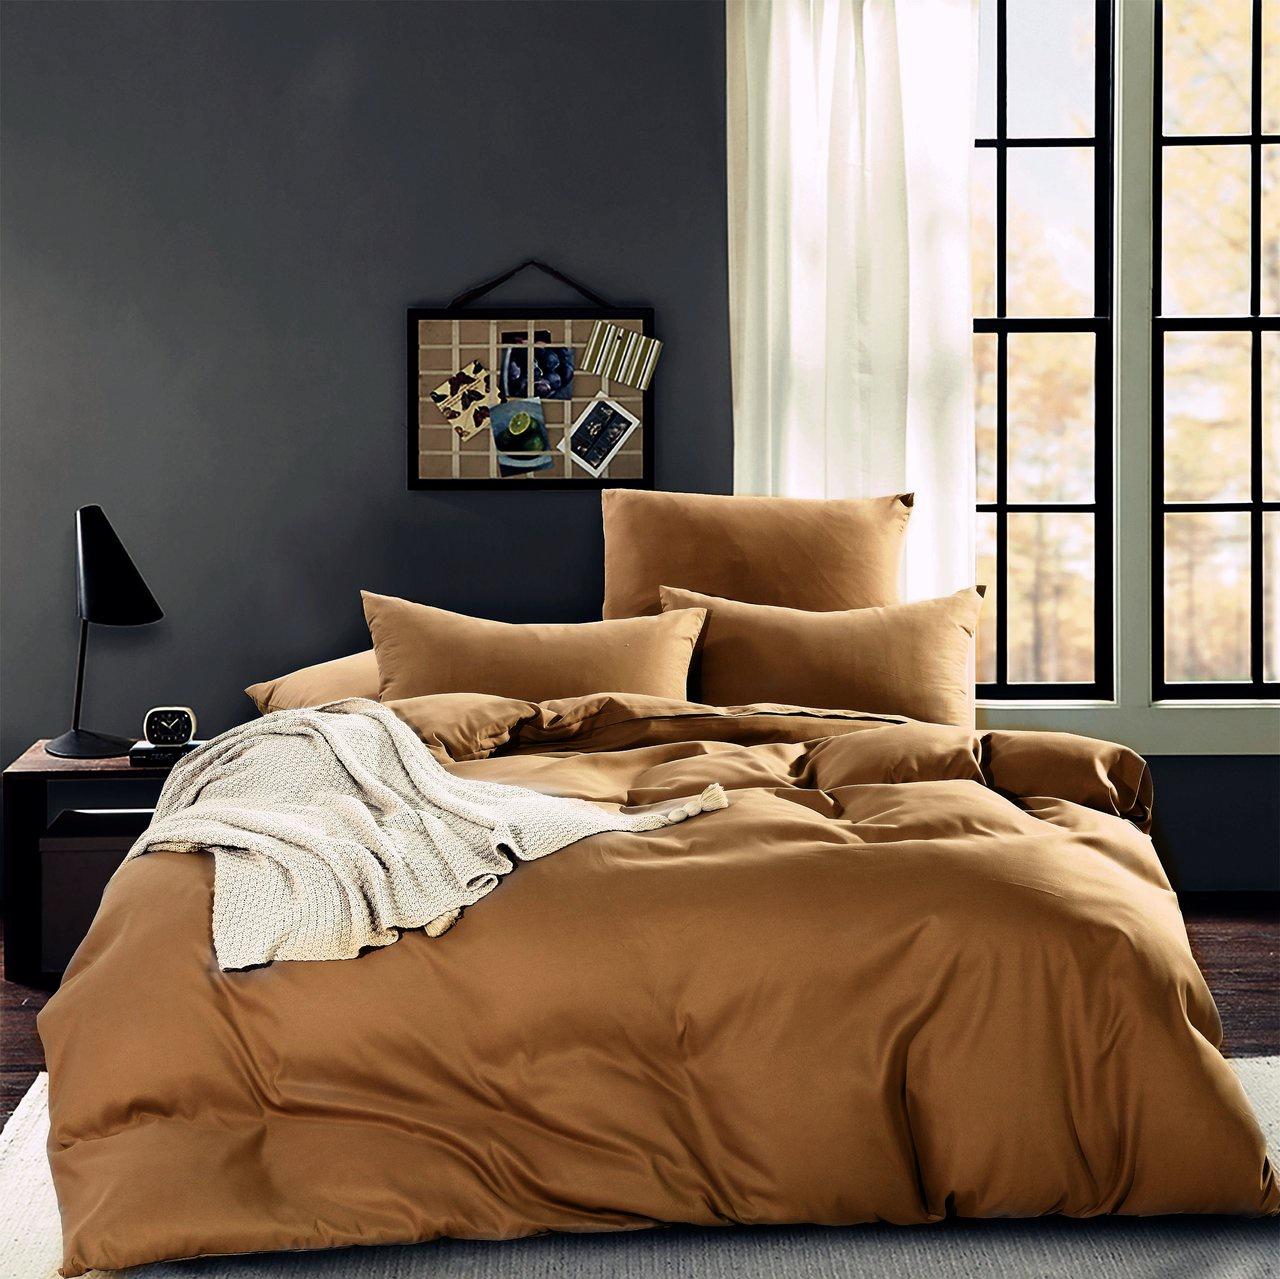 Комплект постельного белья однотонный Сатин CS005 Cитрейд 2 спальный, наволочки 70-70 шт